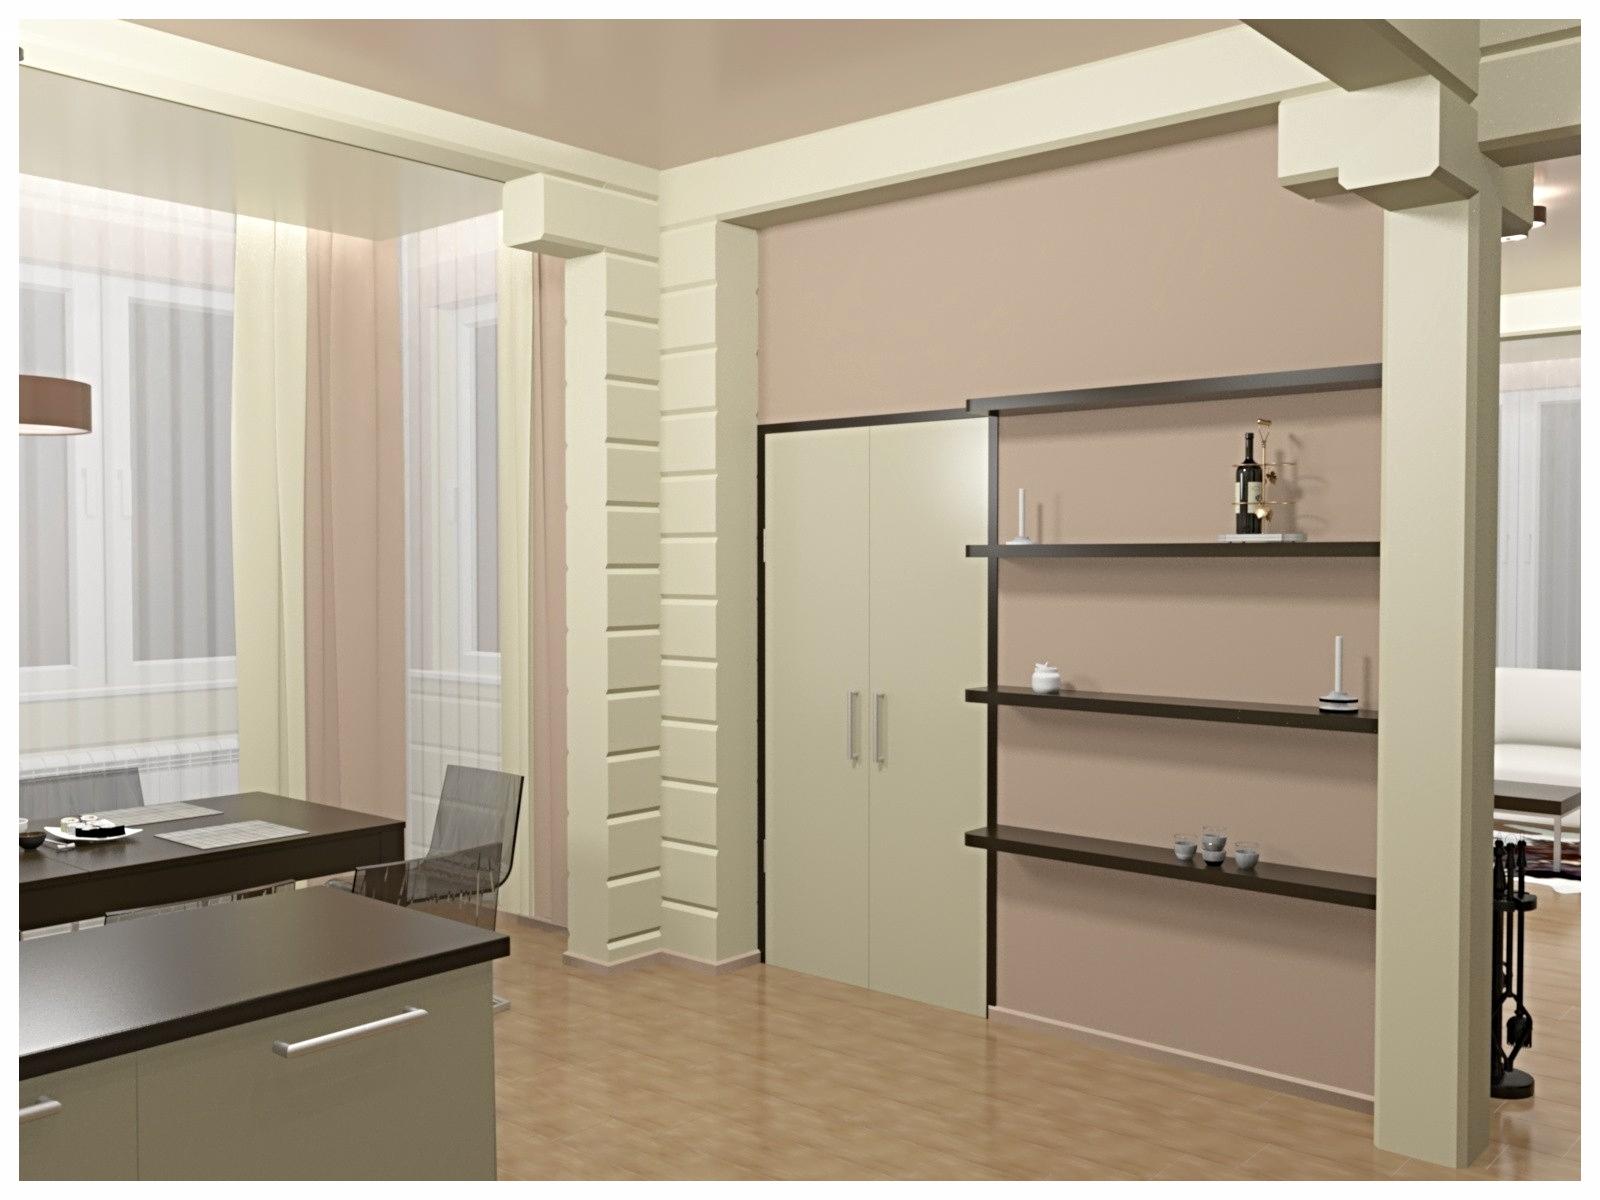 Дизайн интерьеров в коттедже из бруса. Стеллажи на кухне.